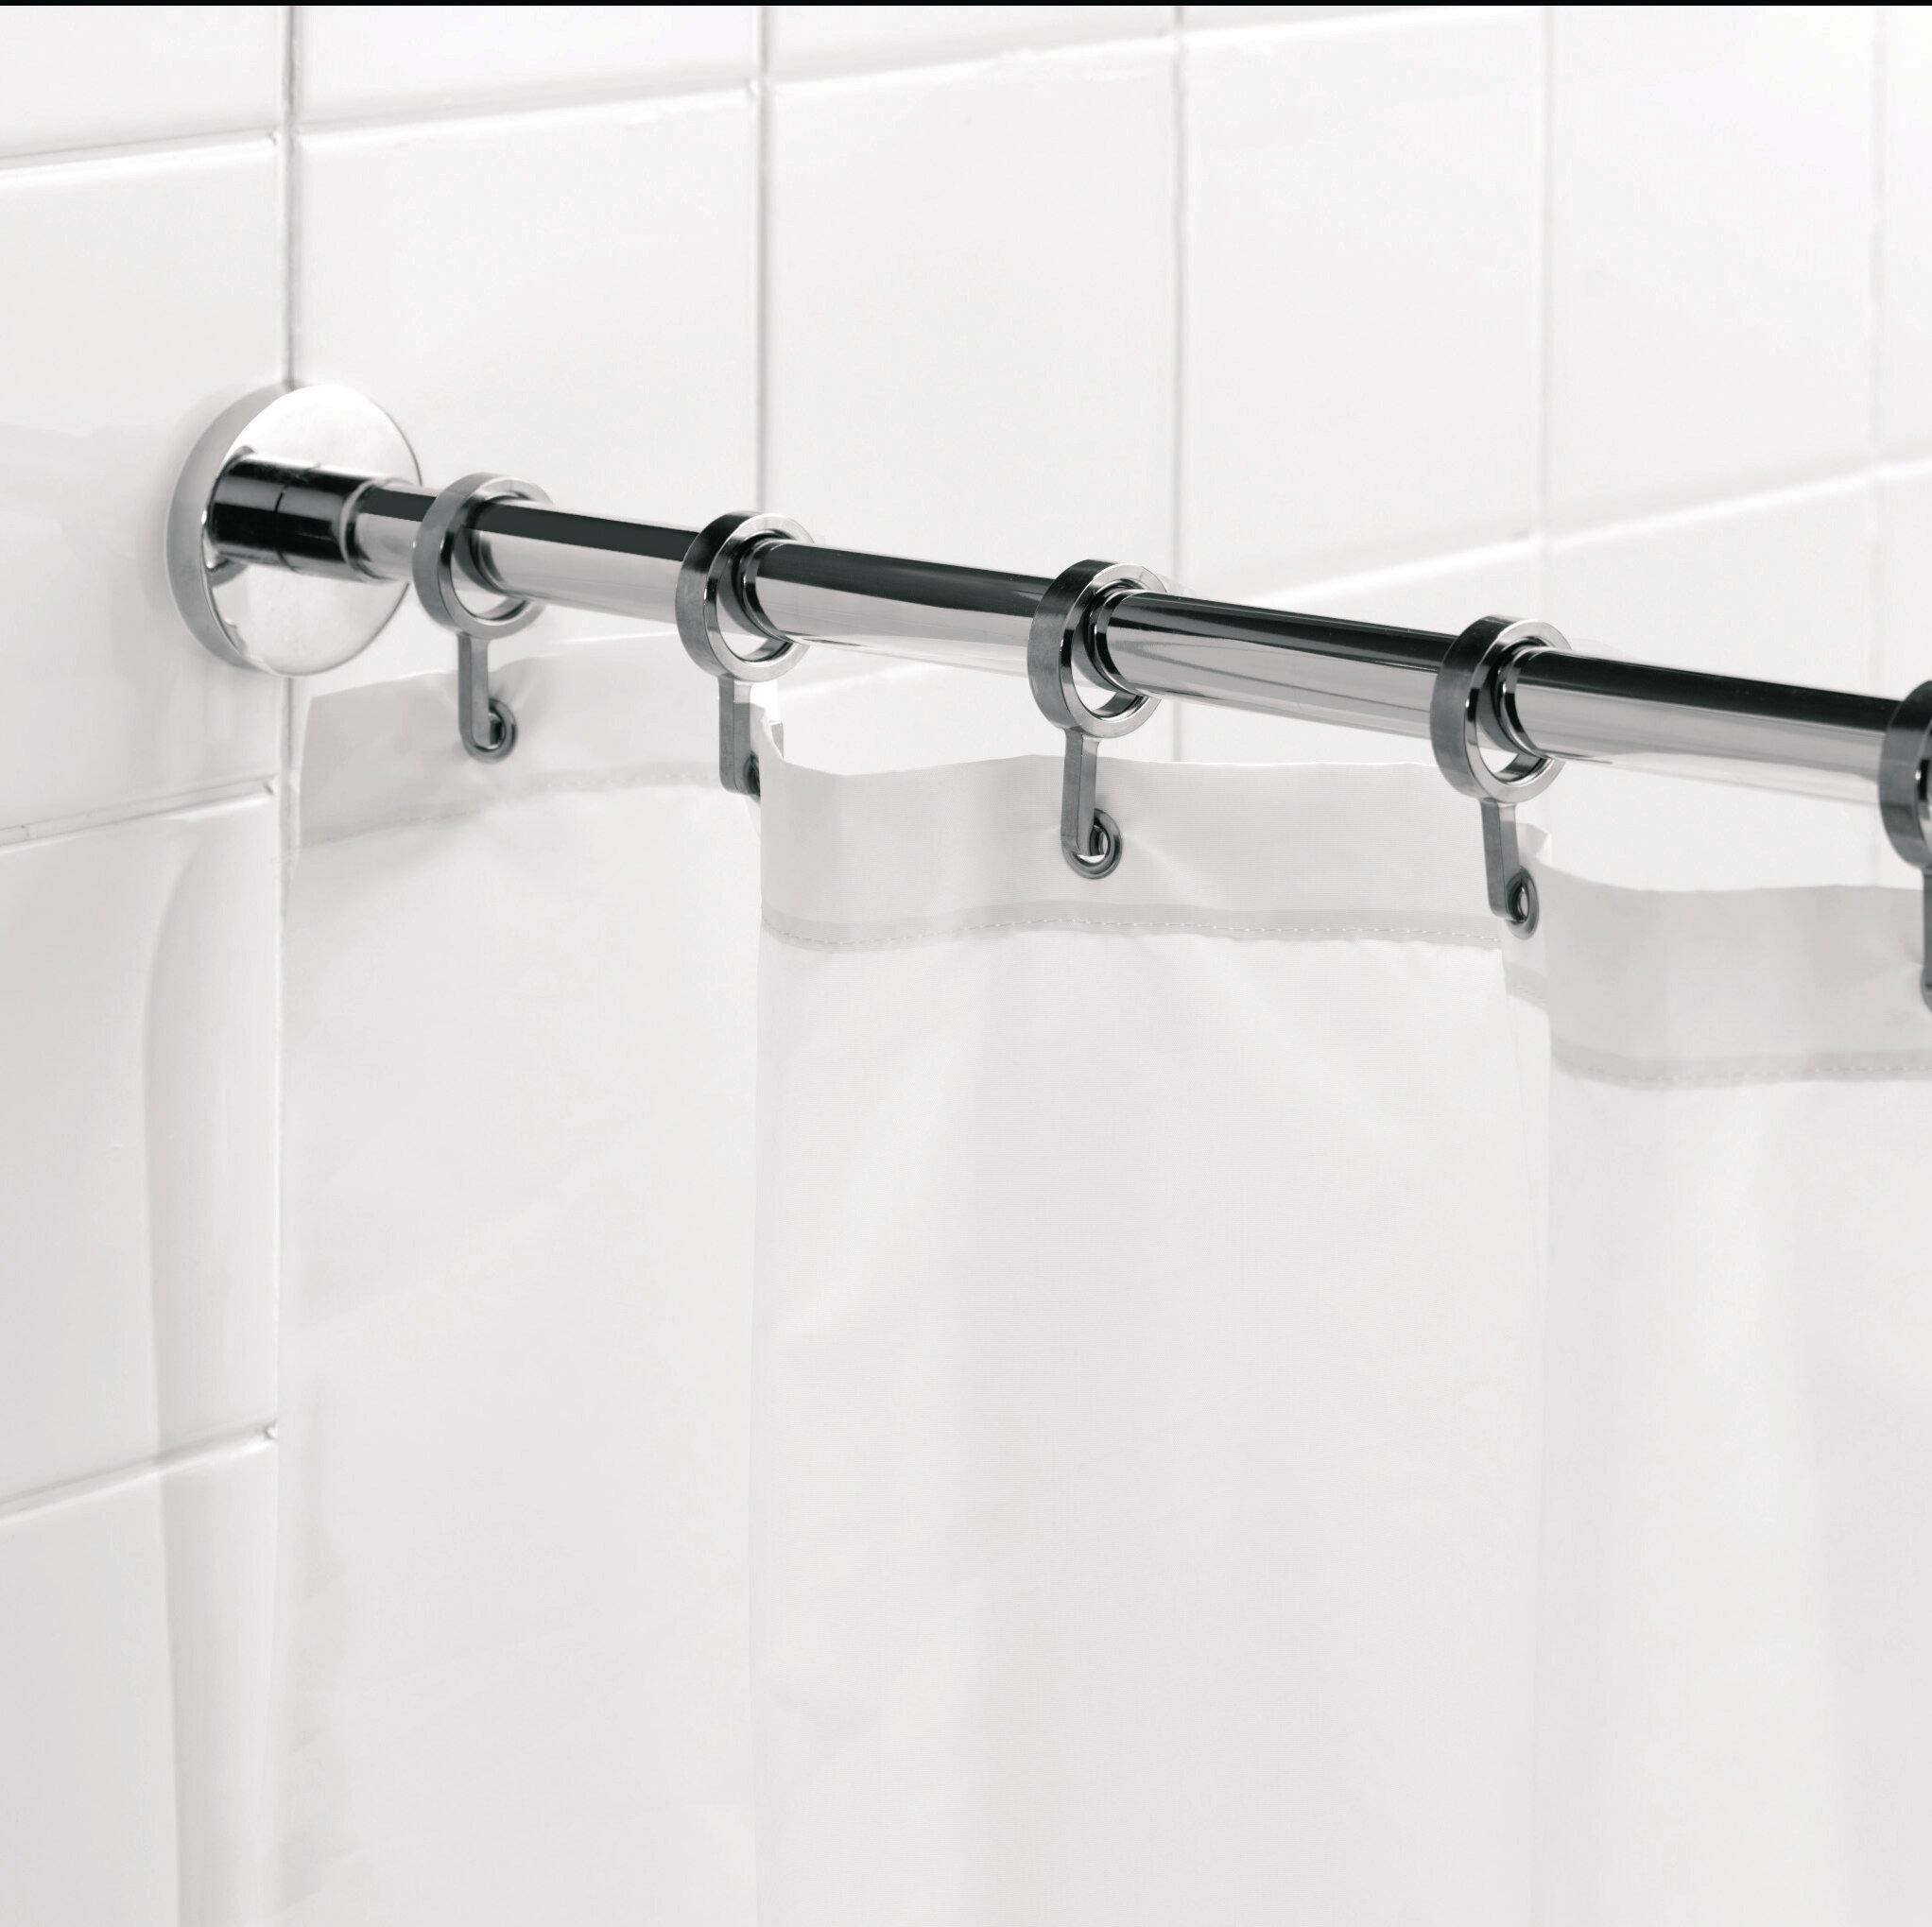 Croydex Luxury 9825 Adjustable Straight Fixed Shower Curtain Rod Hook Set